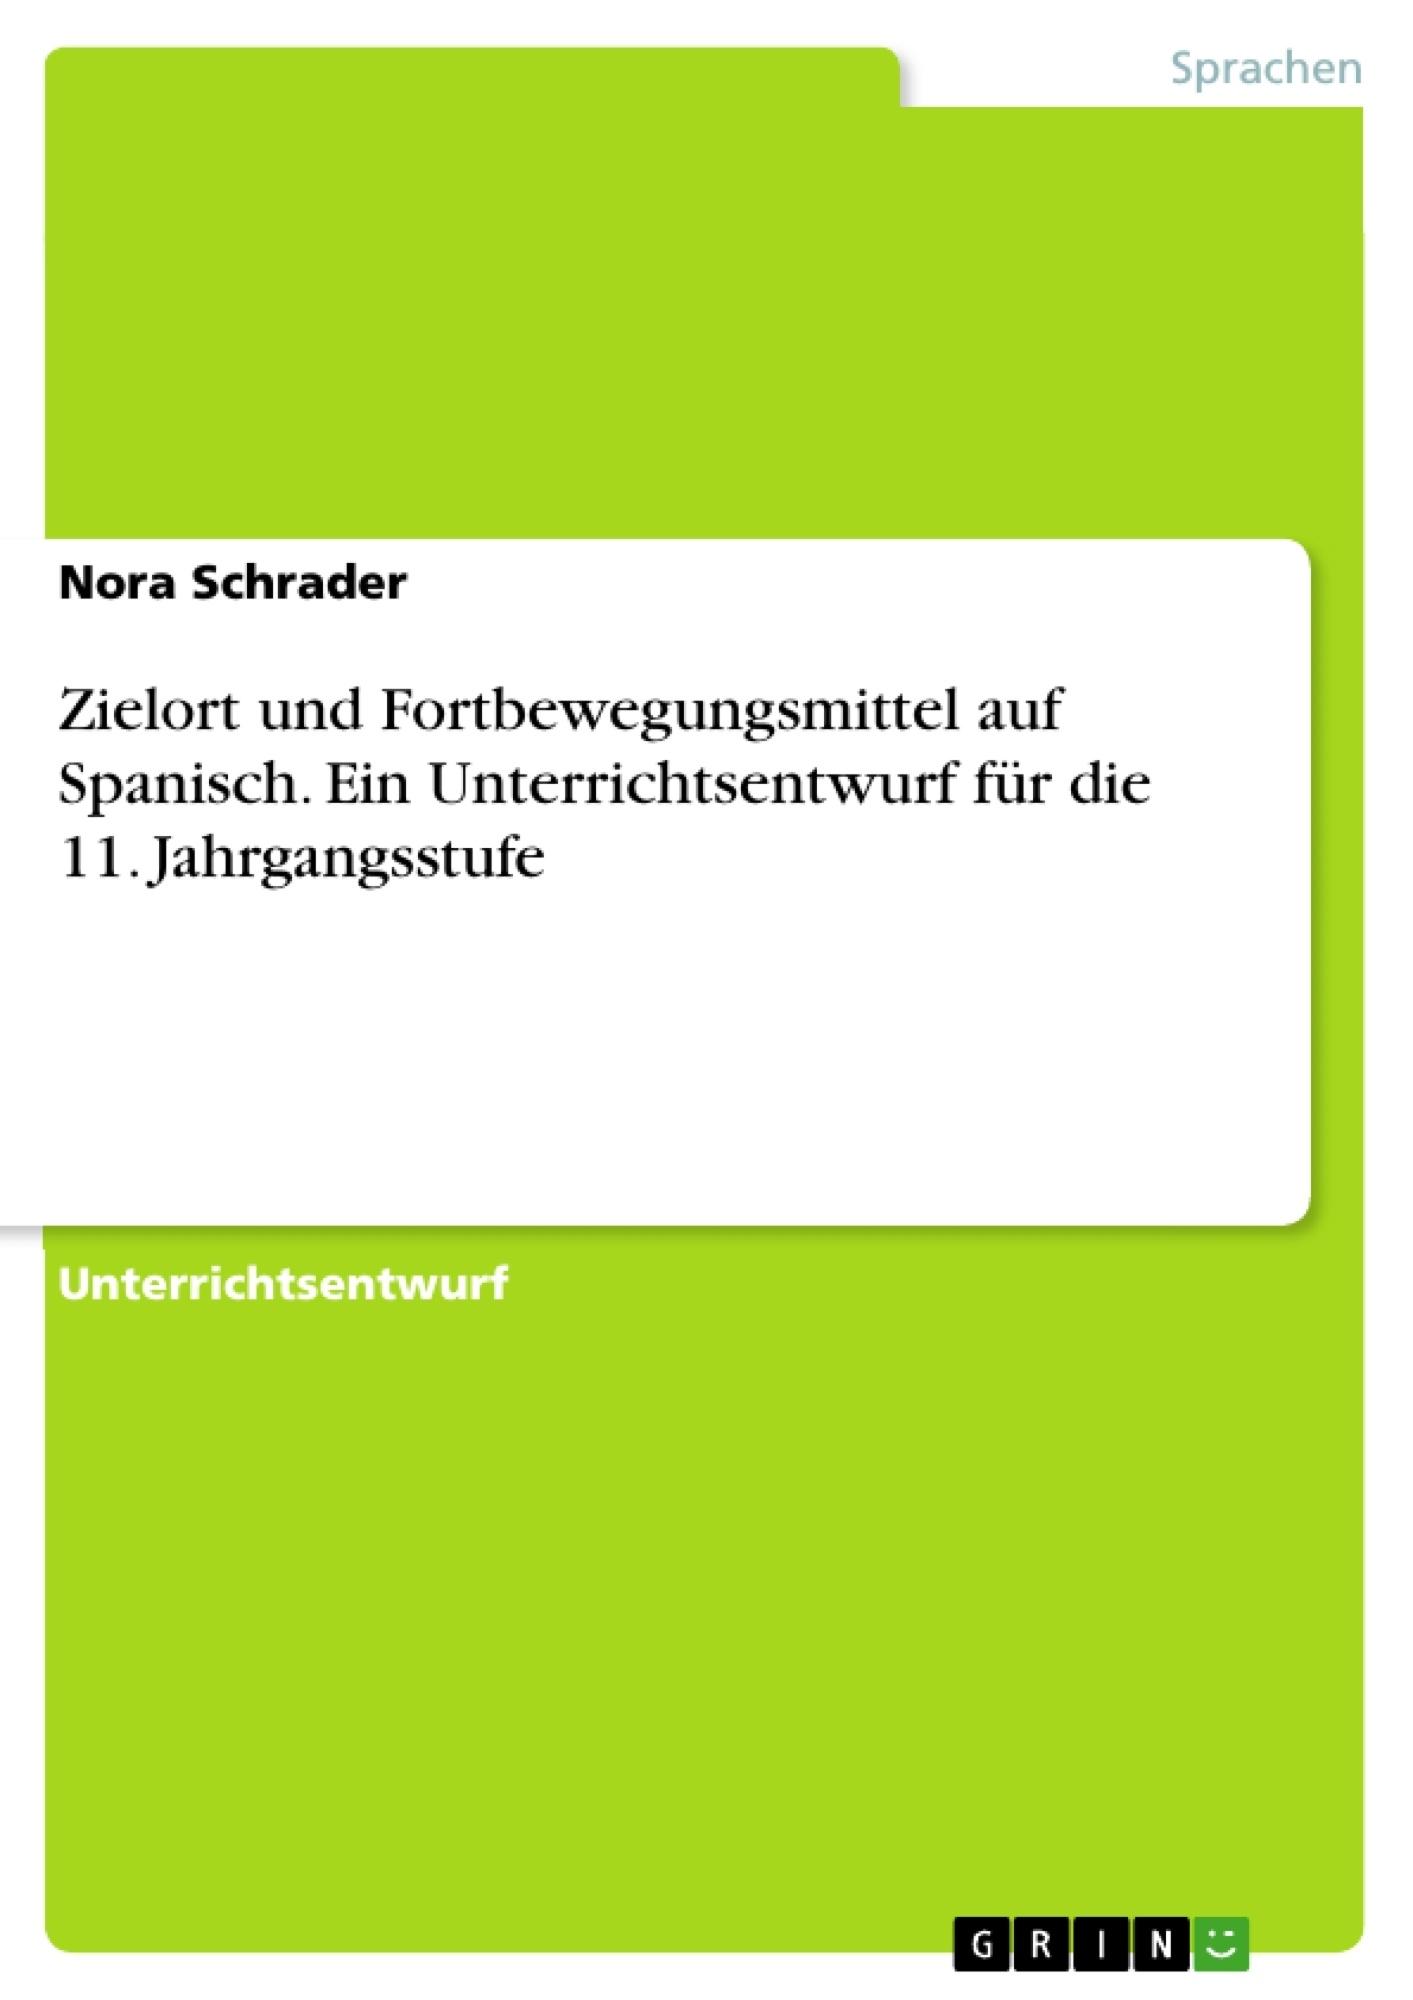 Titel: Zielort und Fortbewegungsmittel auf Spanisch. Ein Unterrichtsentwurf für die 11. Jahrgangsstufe